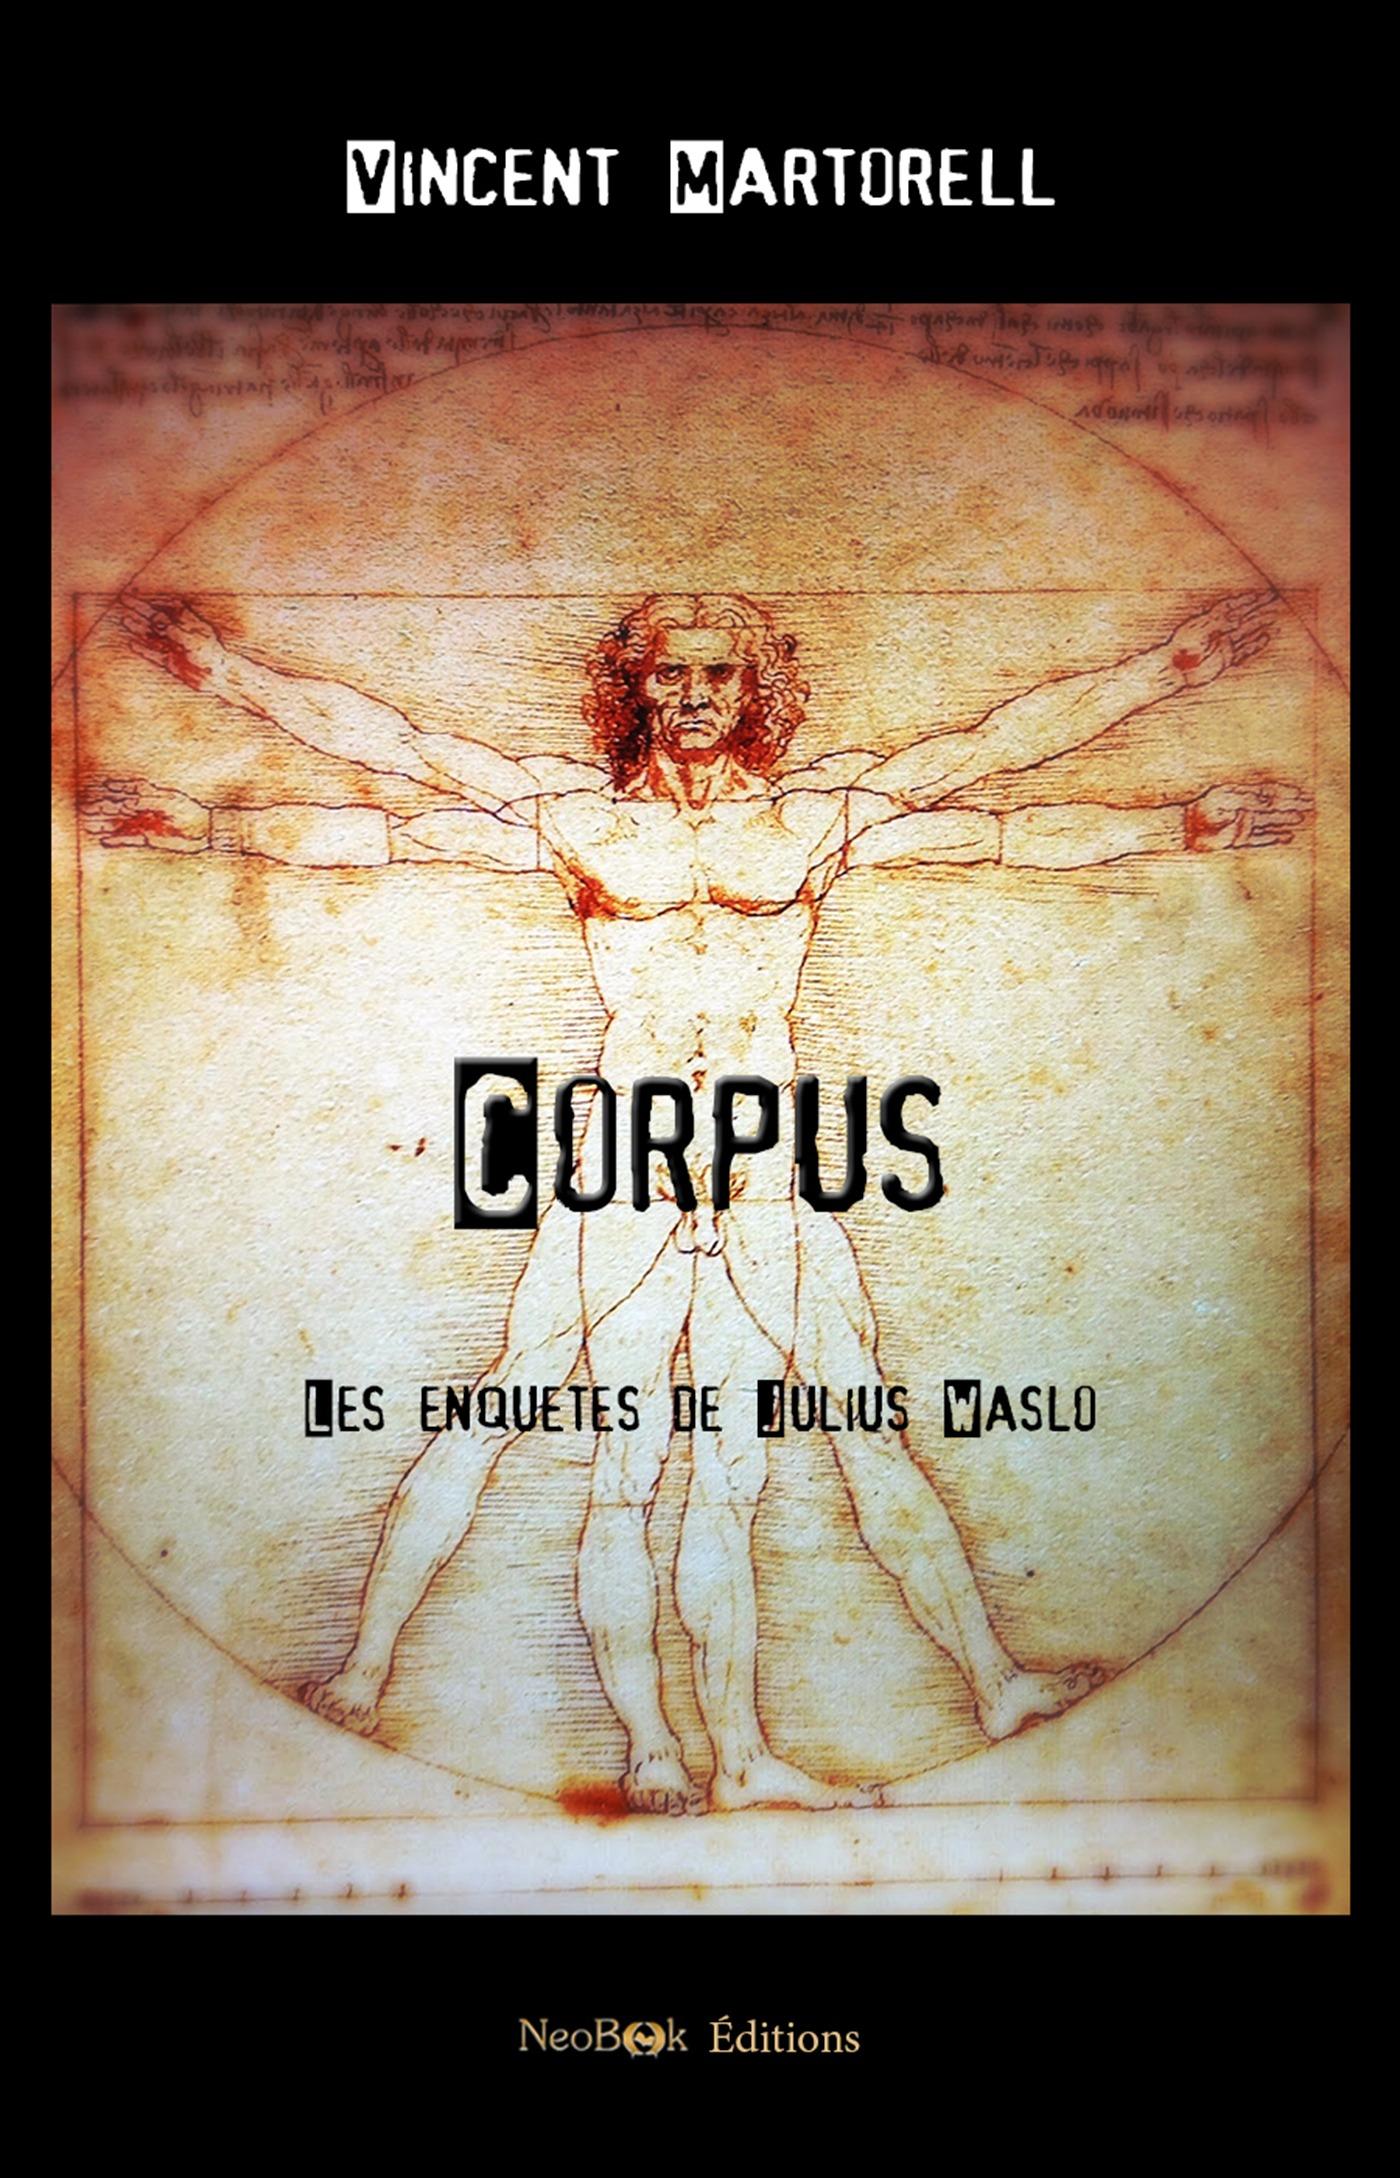 Corpus, LES ENQUÊTES DE JULIUS WASLO